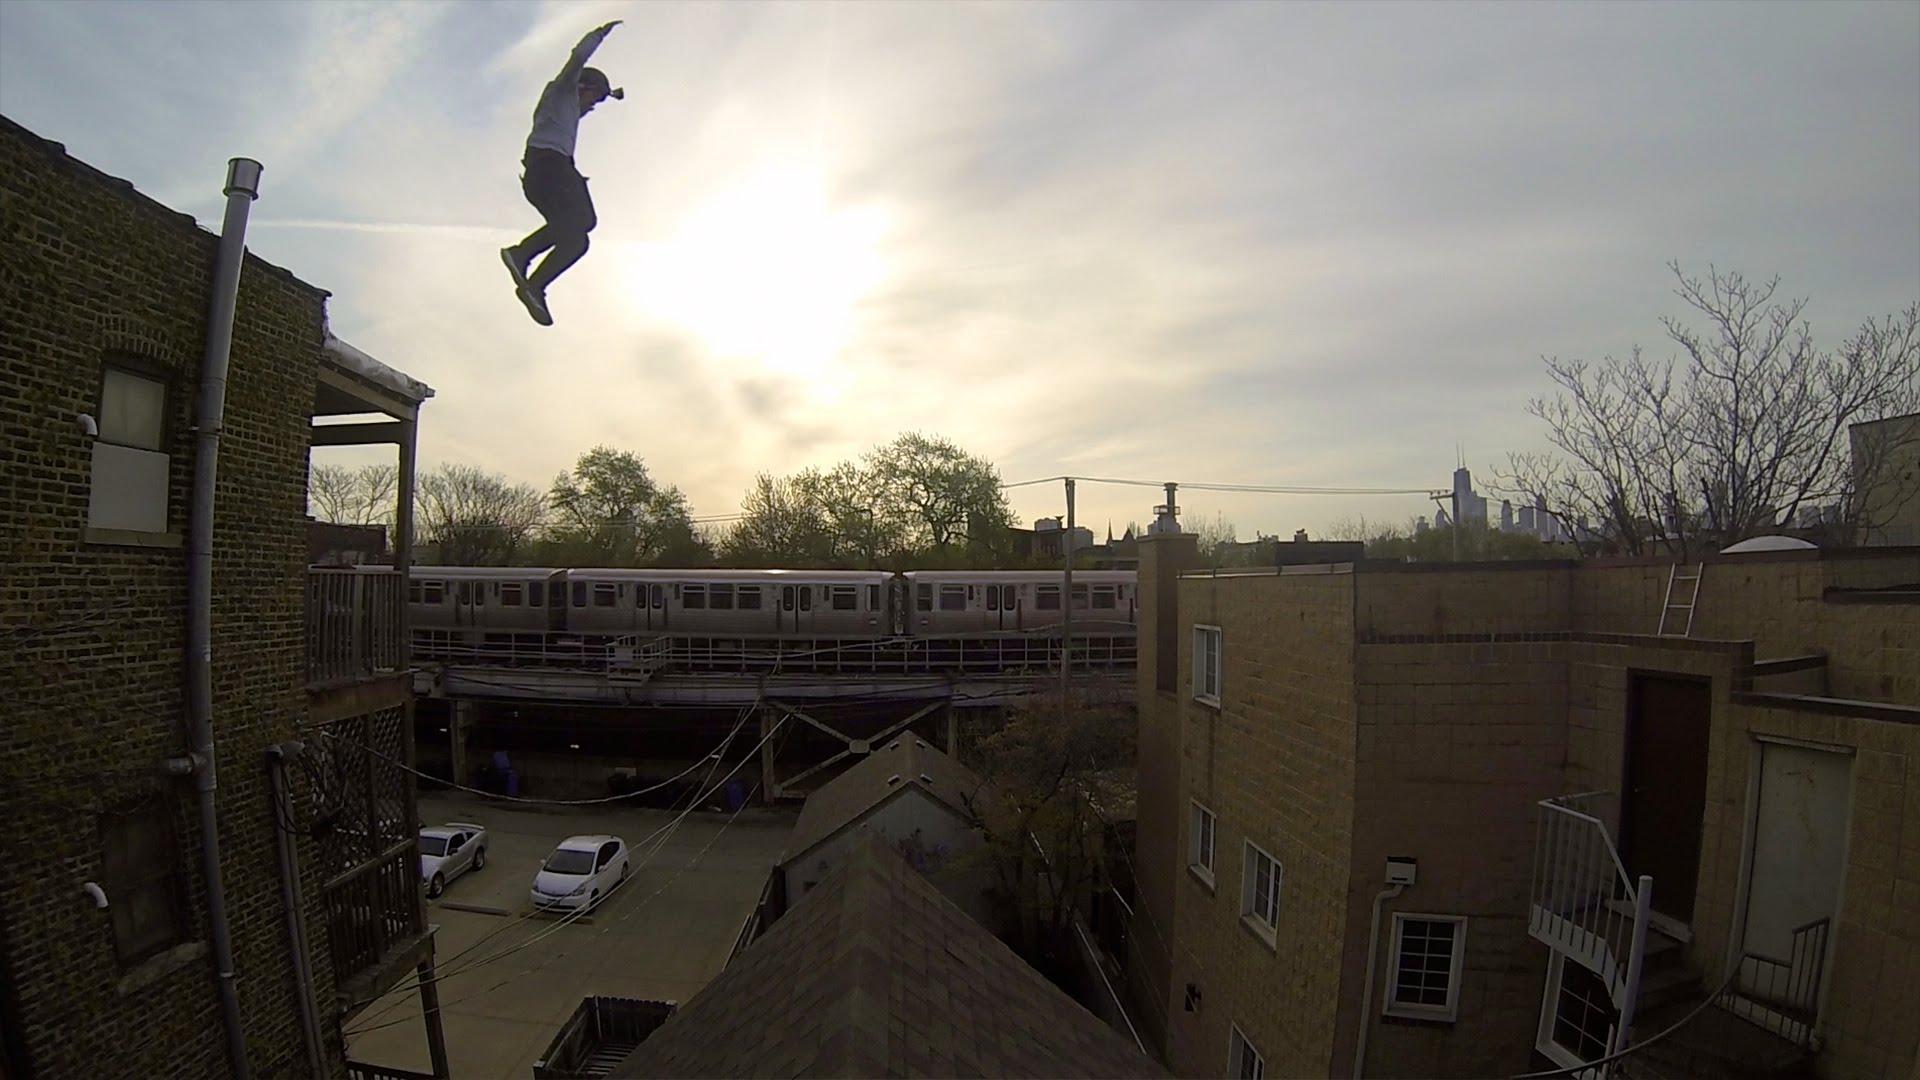 建物の屋根から飛び降りるところを主観アングルで見ると……